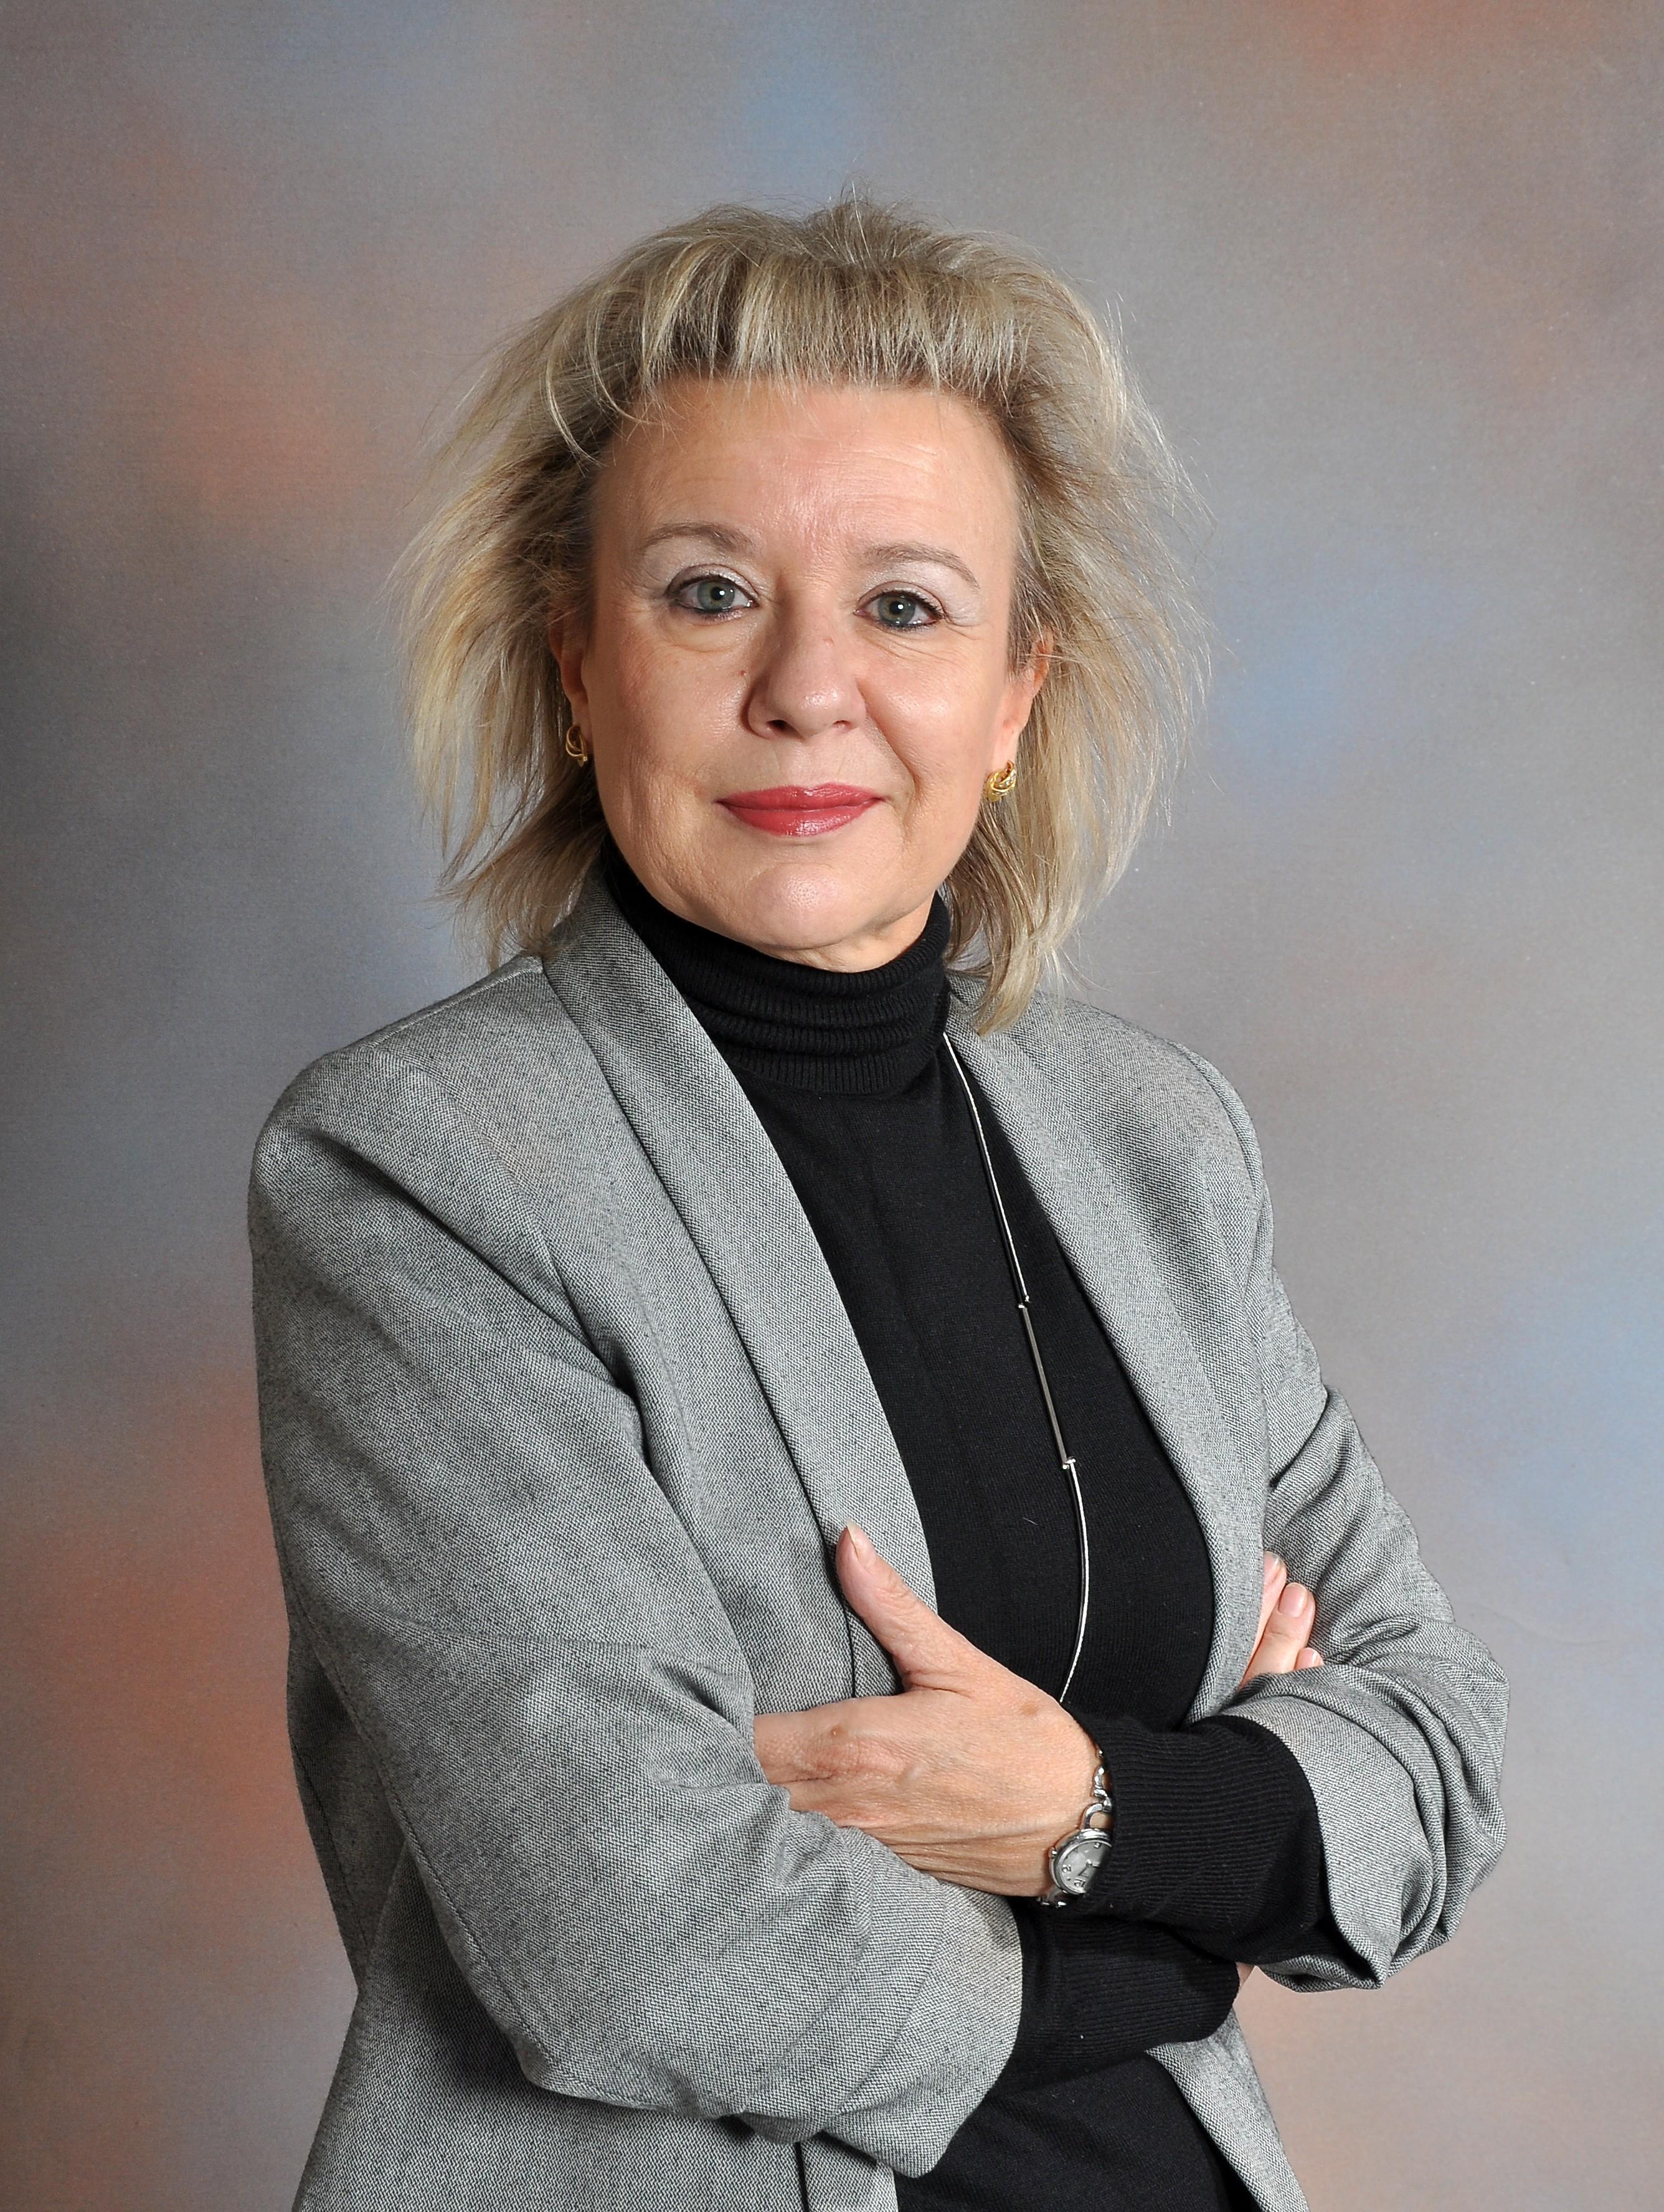 Almudena Vega Fernandez